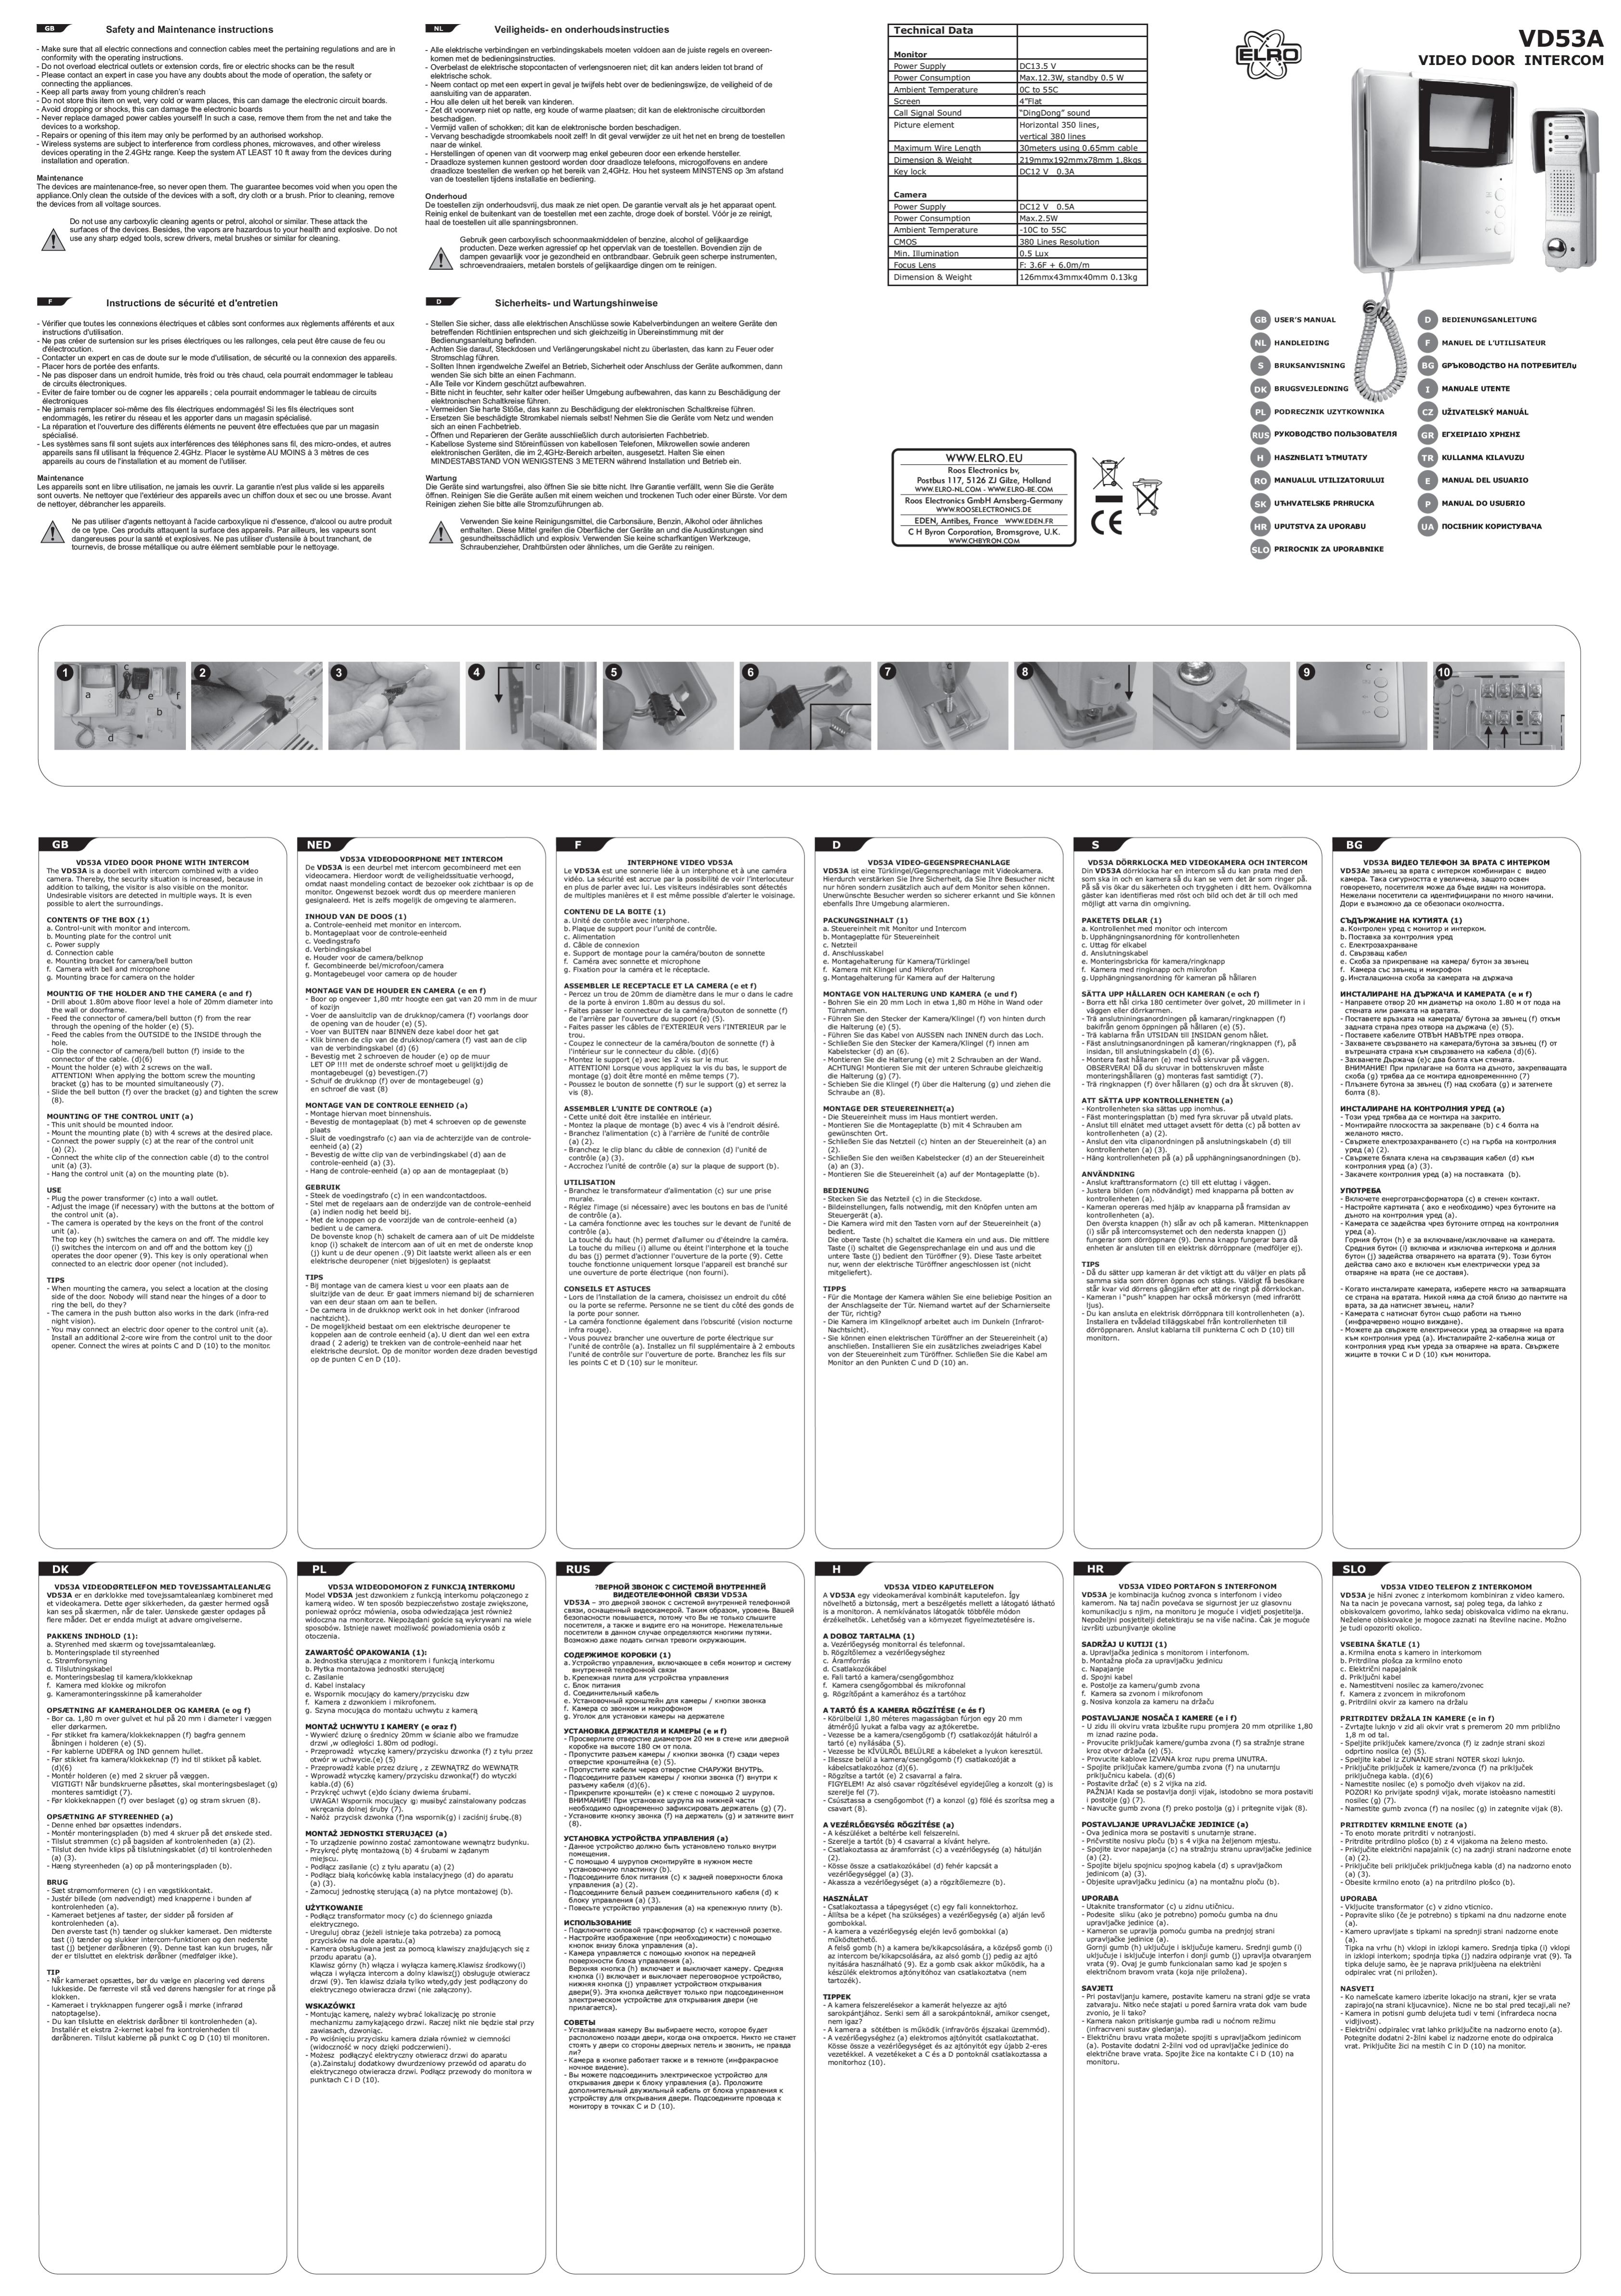 Bedienungsanleitung Elro Vd53a Seite 1 Von 2 Alle Sprachen